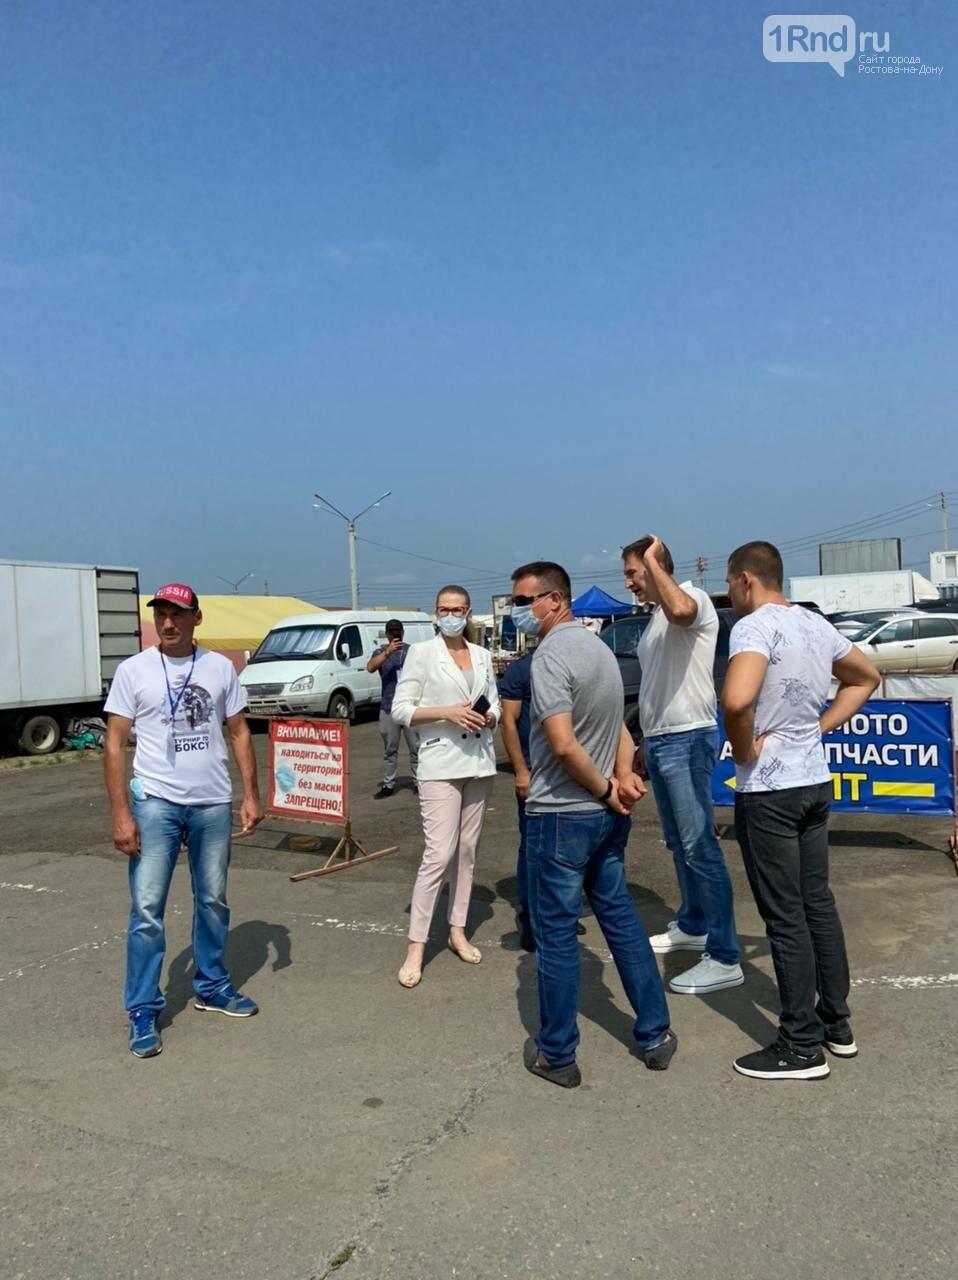 Фото: департамент потребрынка Ростовской области